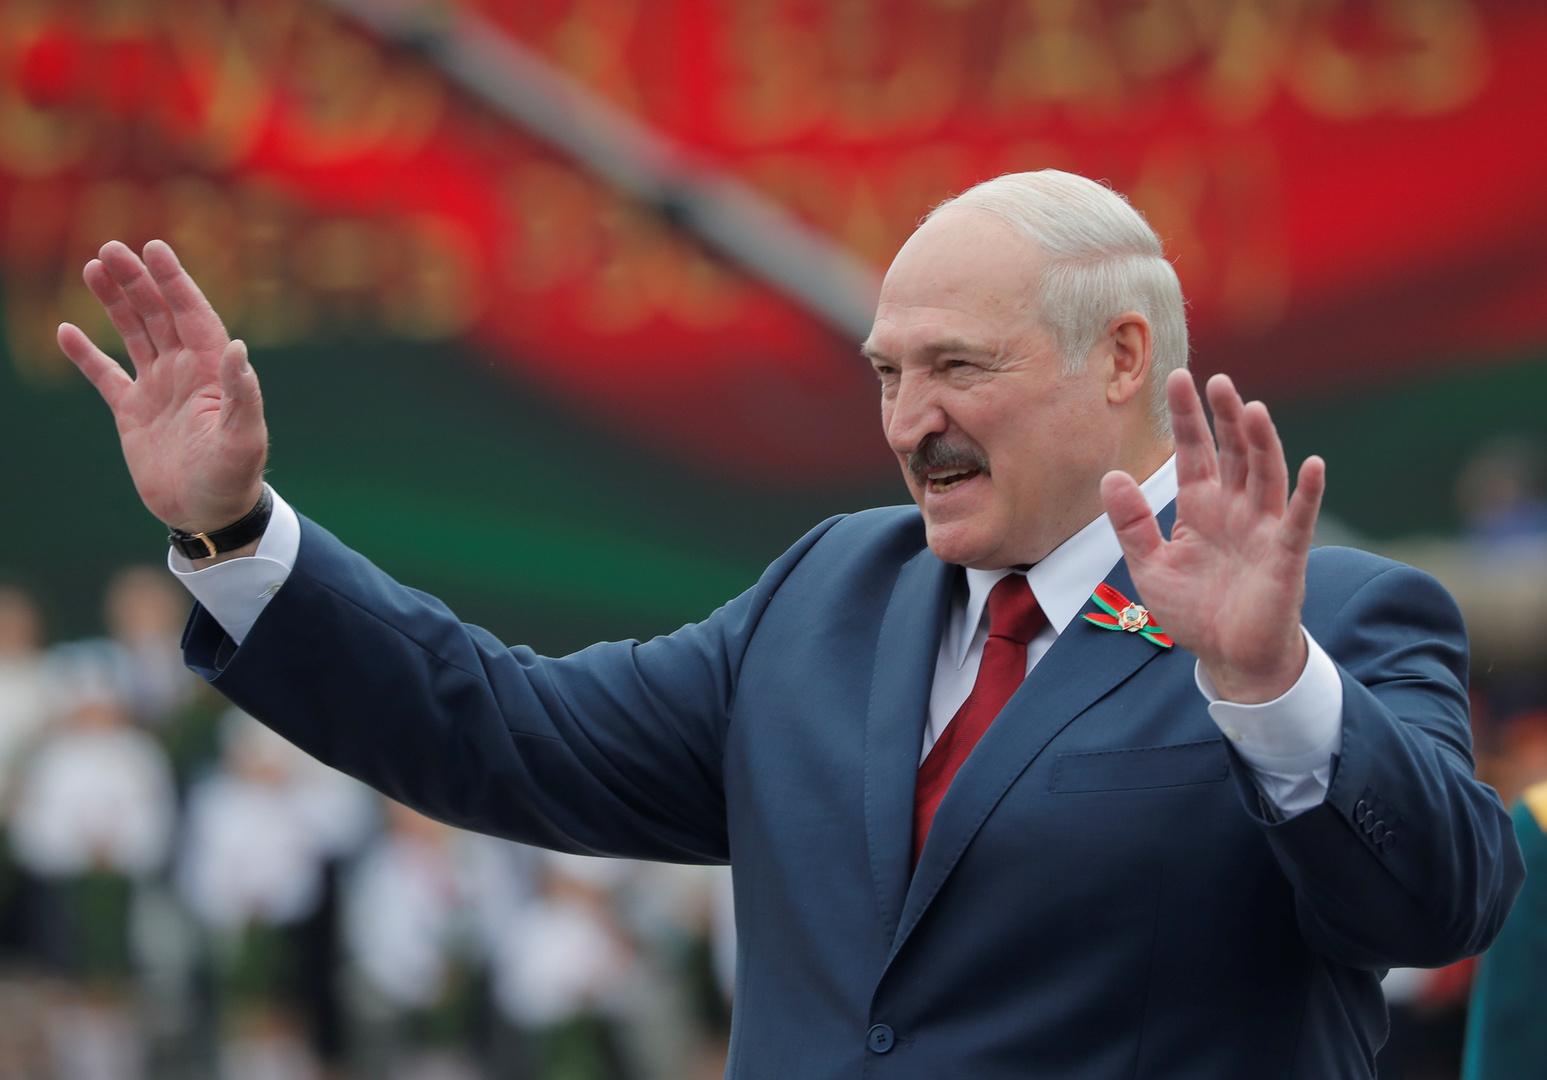 لوكاشينكو: بيلاروس ستصمد وطلبت من بوتين إمدادنا ببعض أنواع الأسلحة